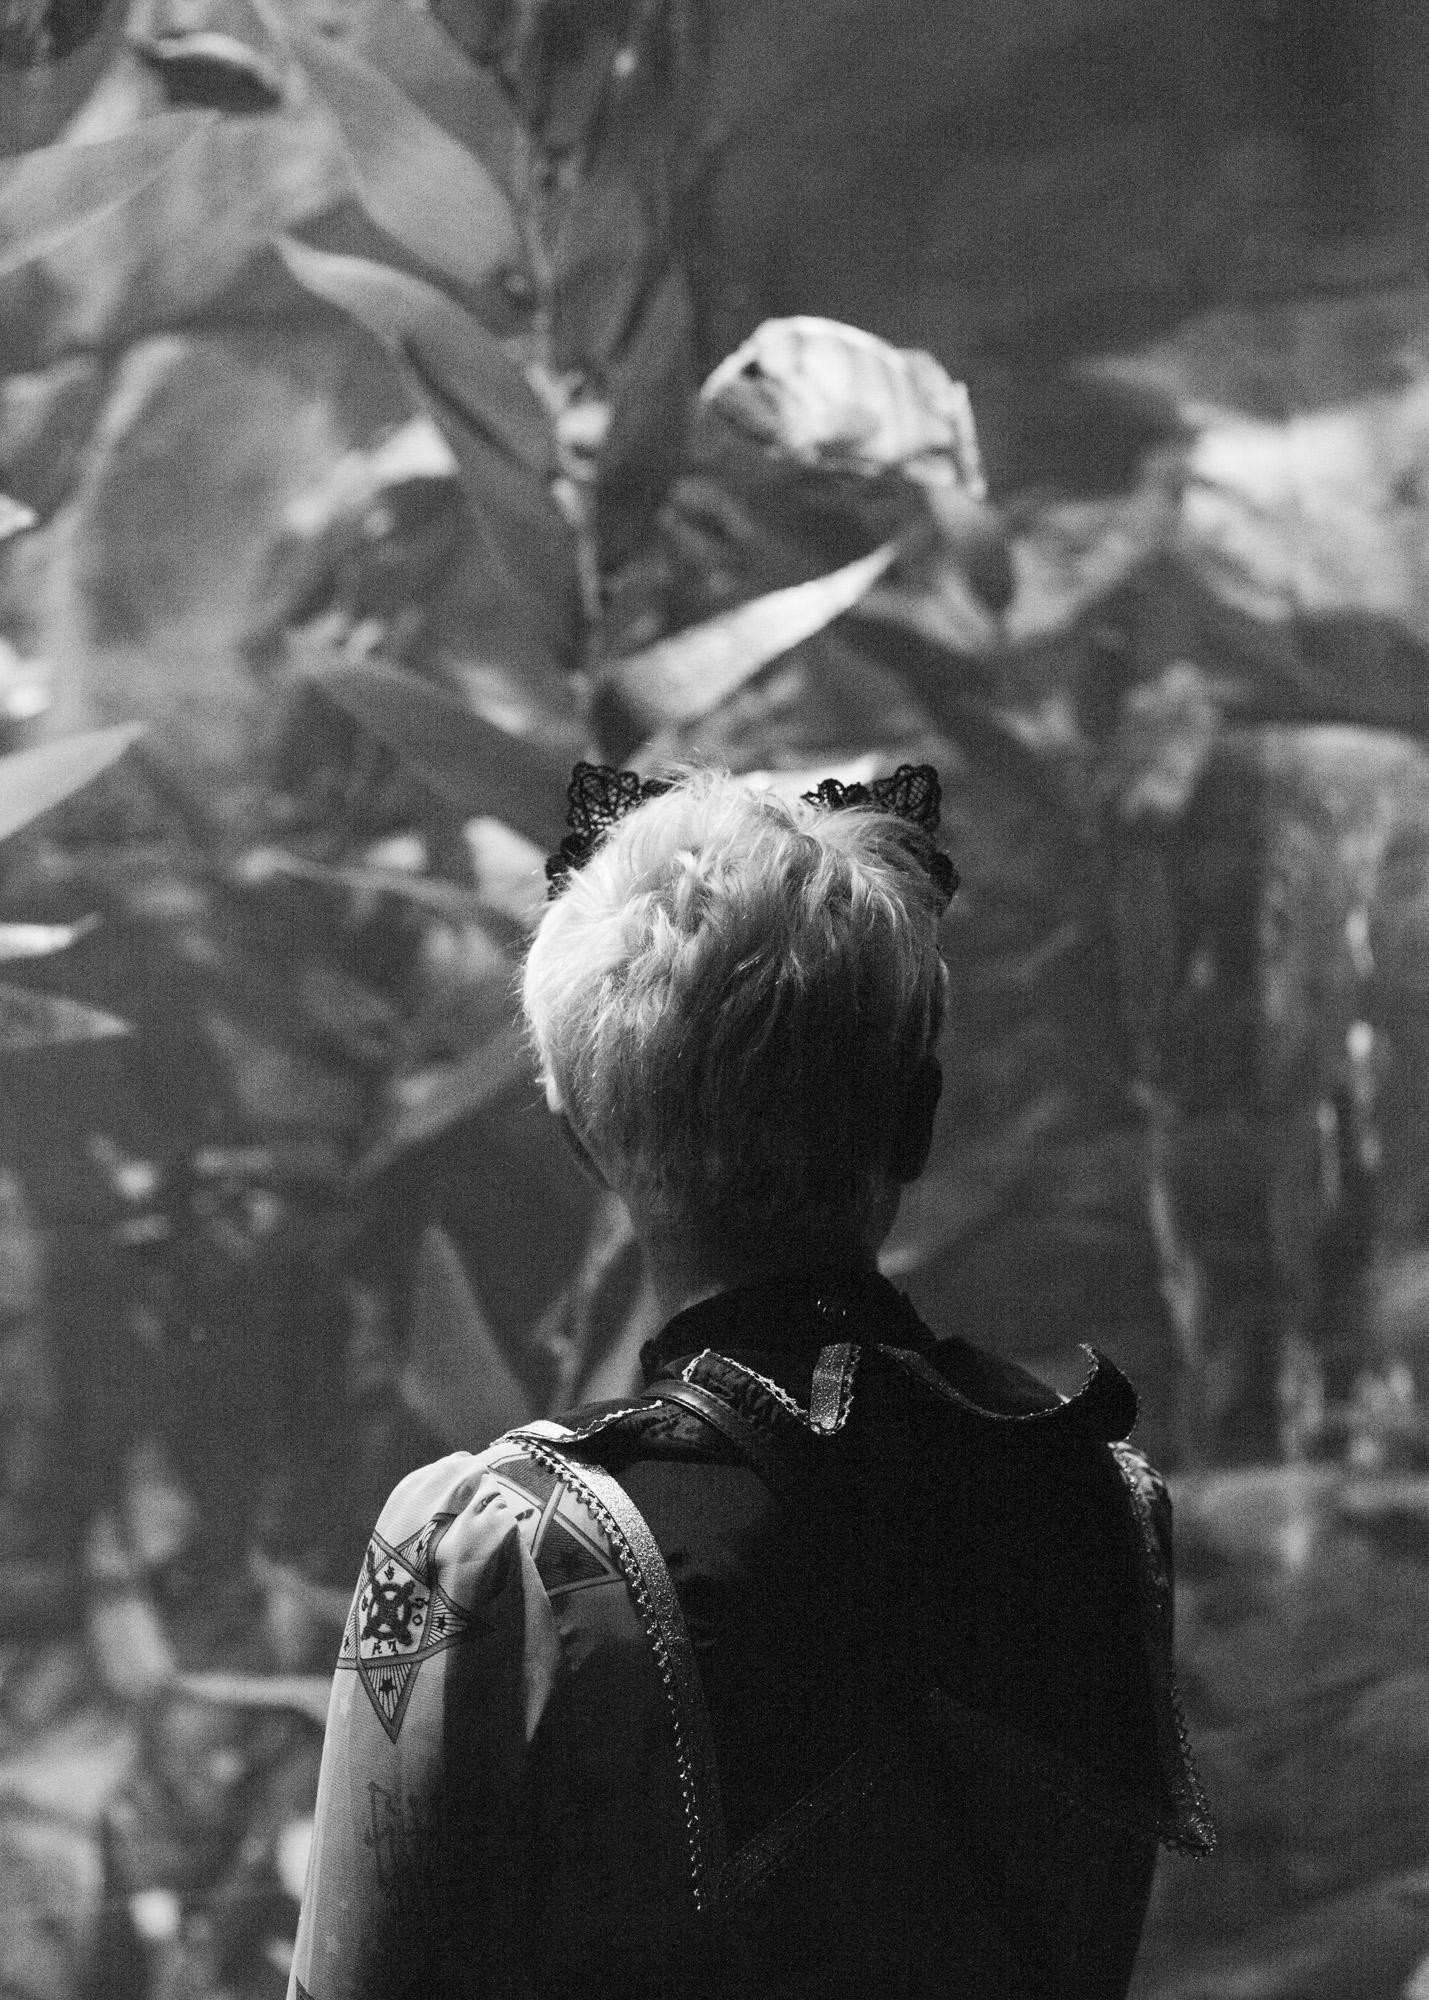 aquarium_lolitas-6.jpg